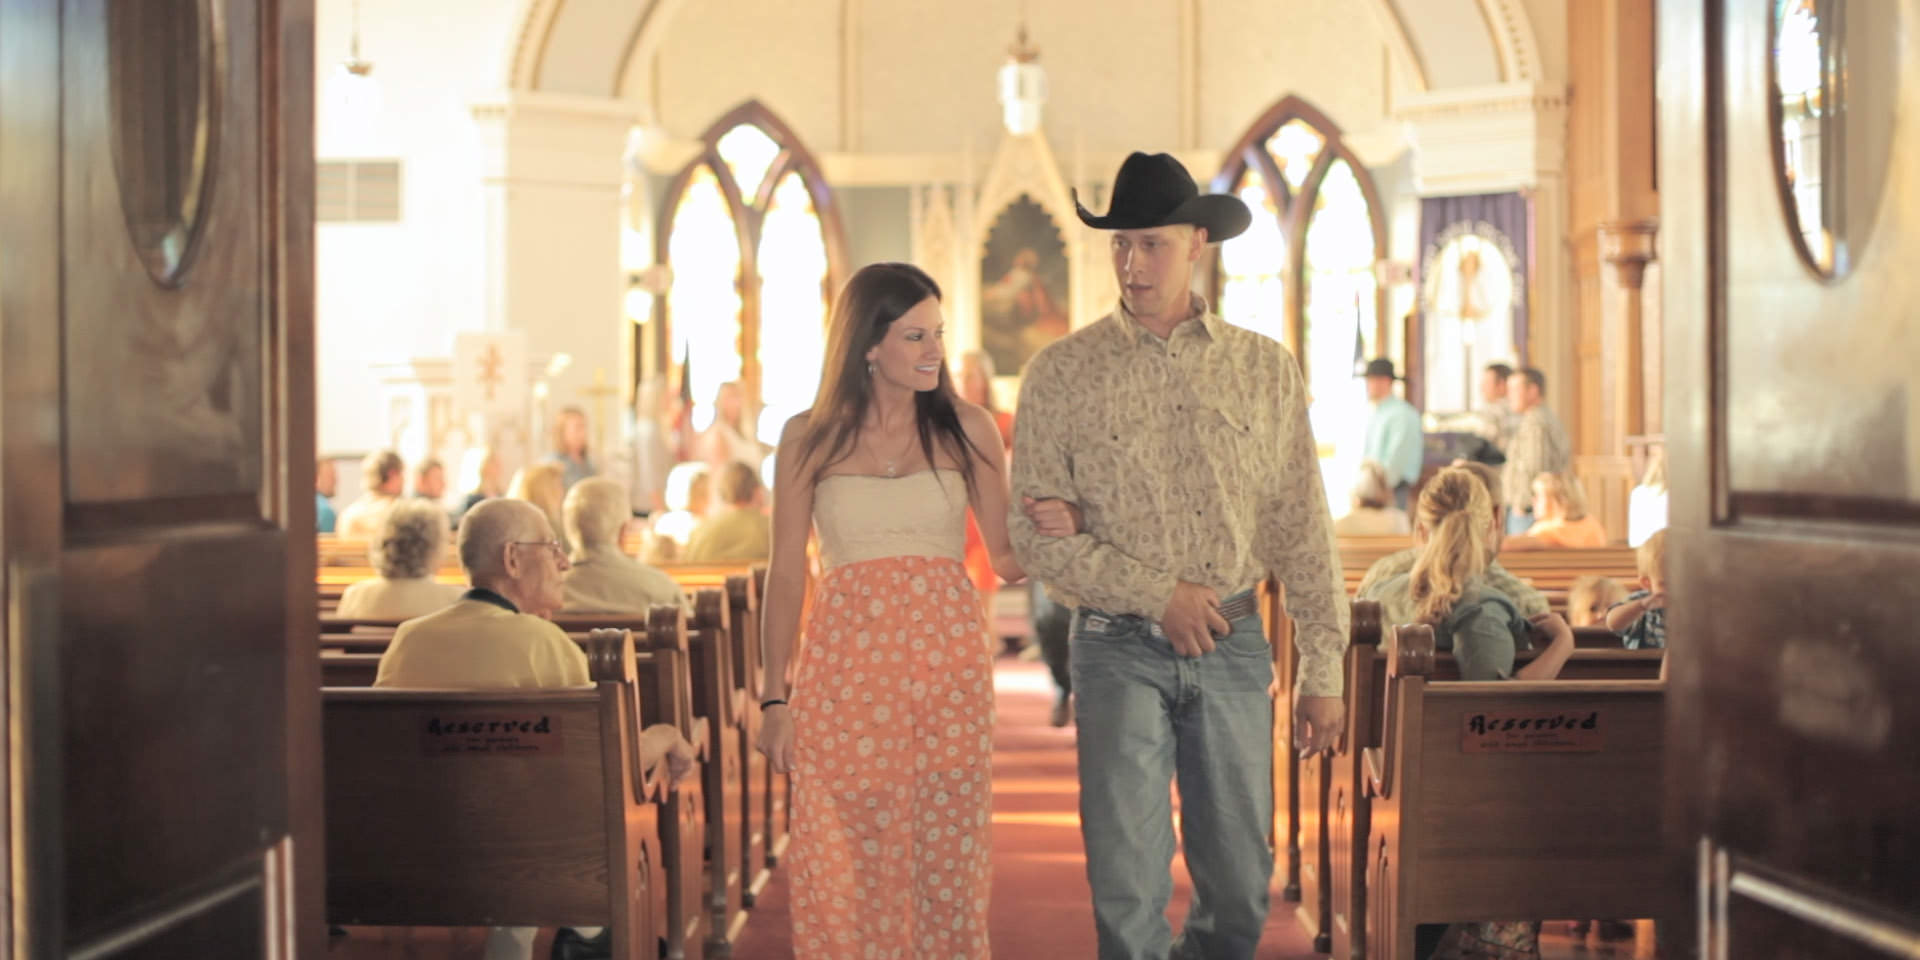 tyler&melissa wedding story.Still007.jpg